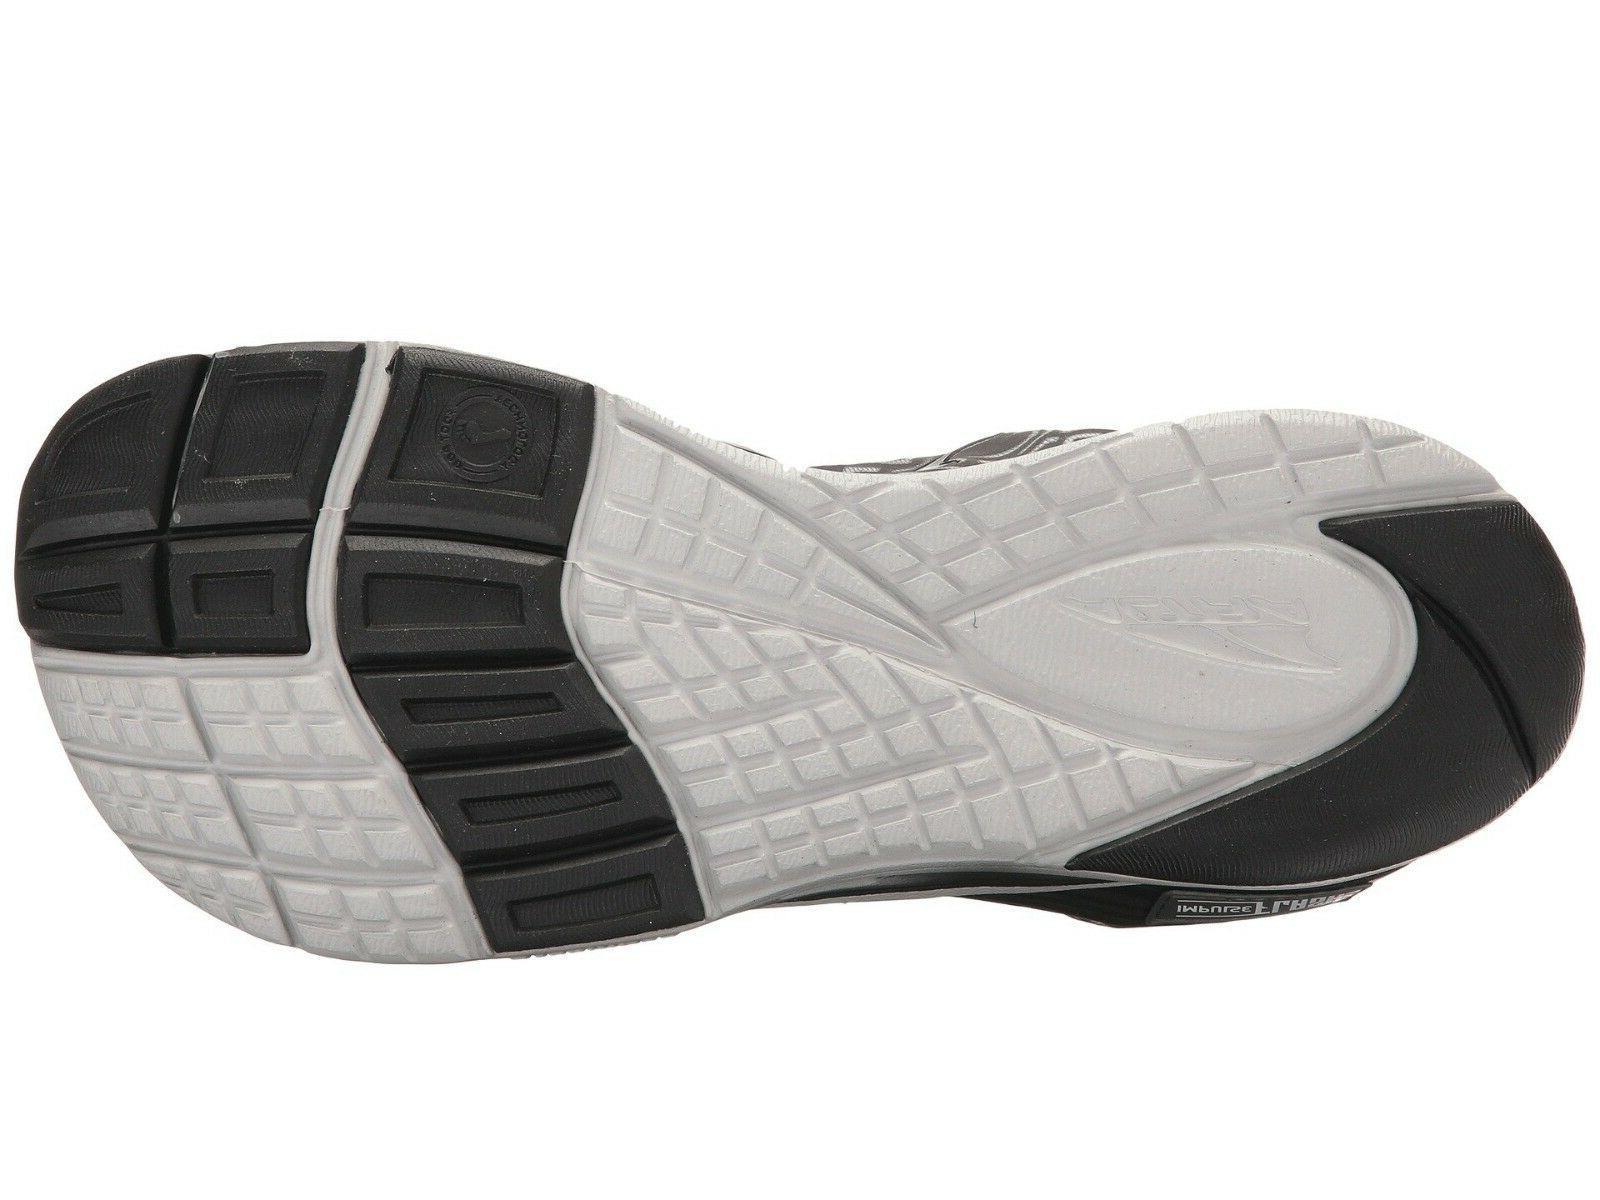 Altra Shoes, Men's Sizes D,